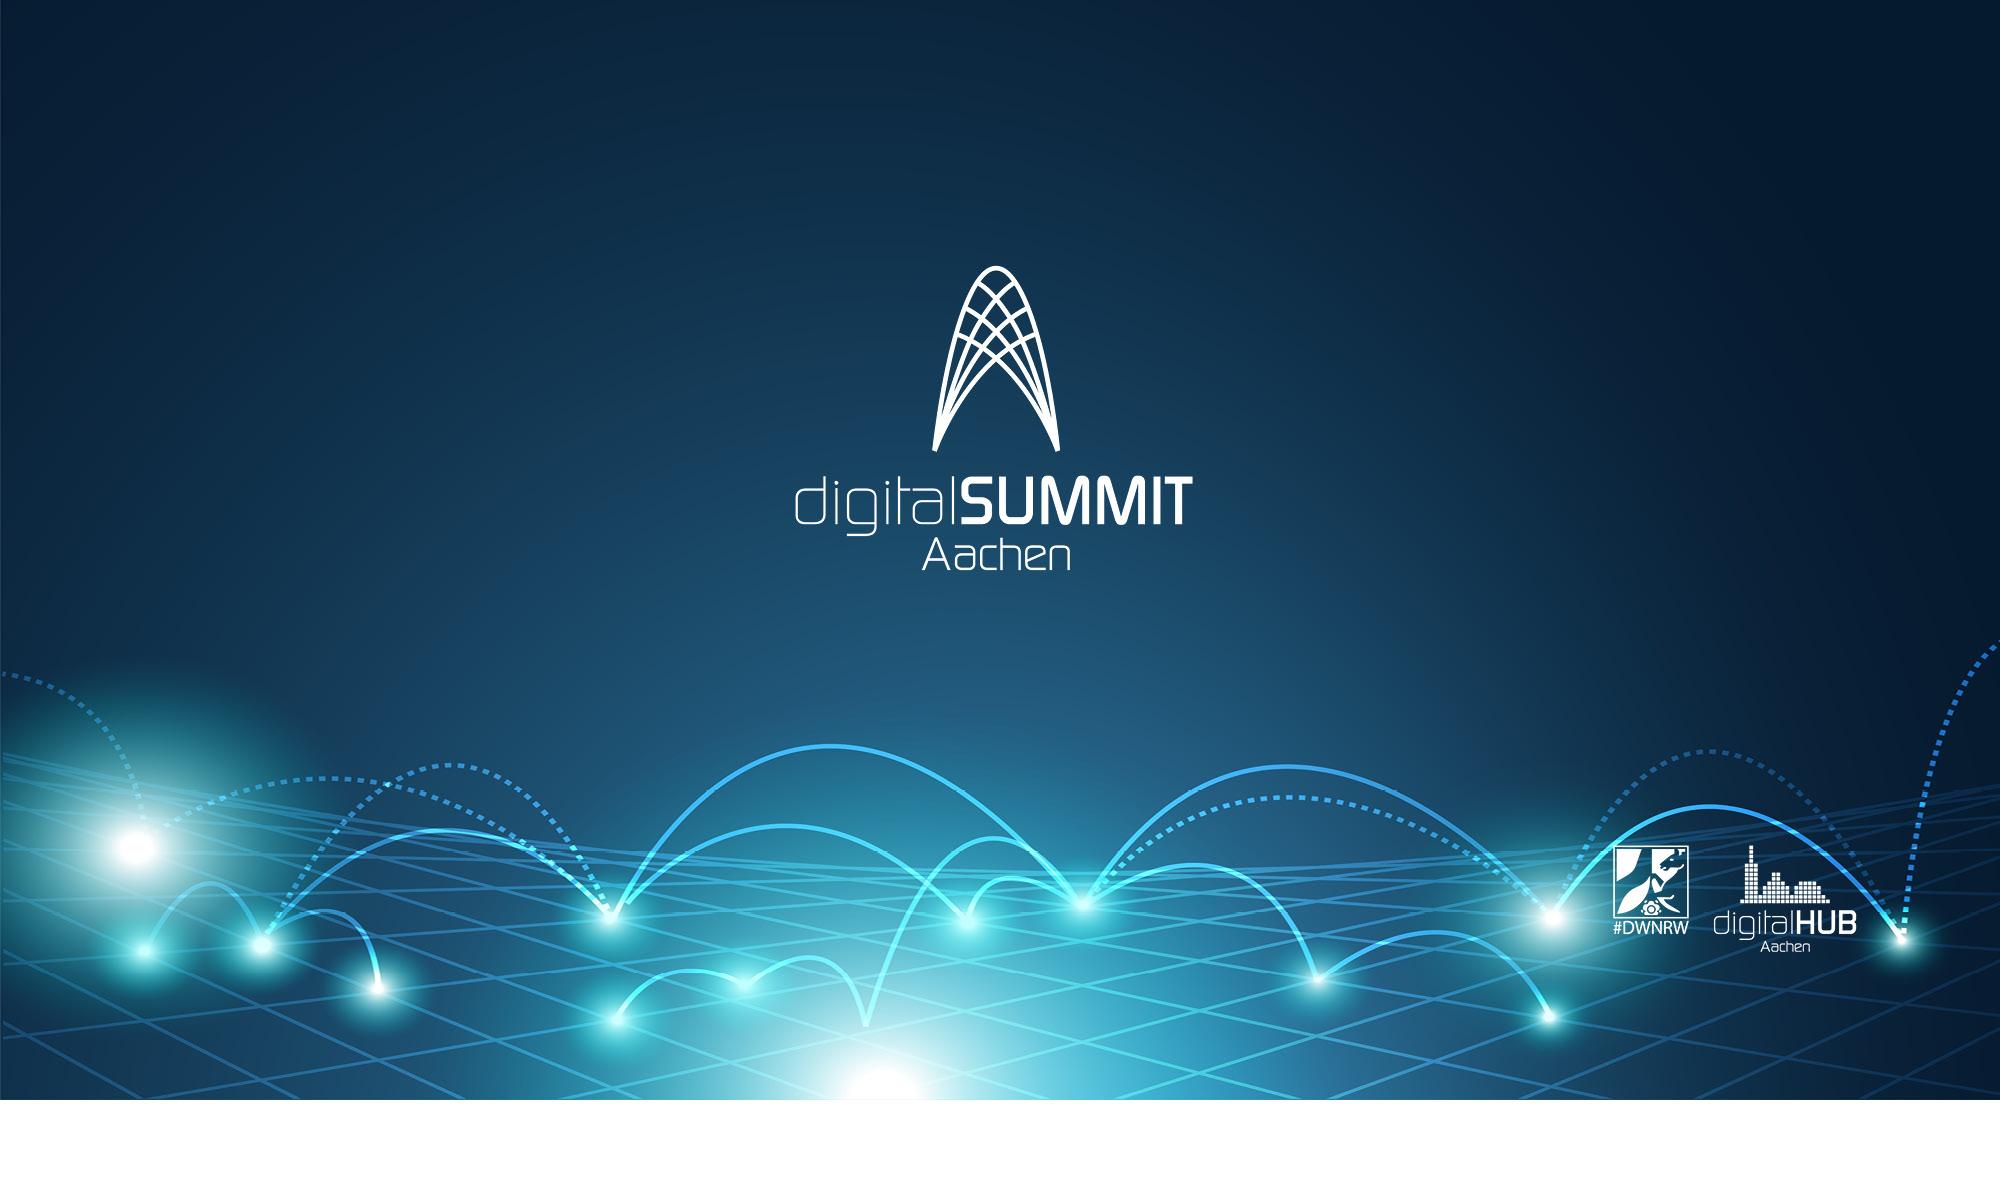 digitalSUMMIT